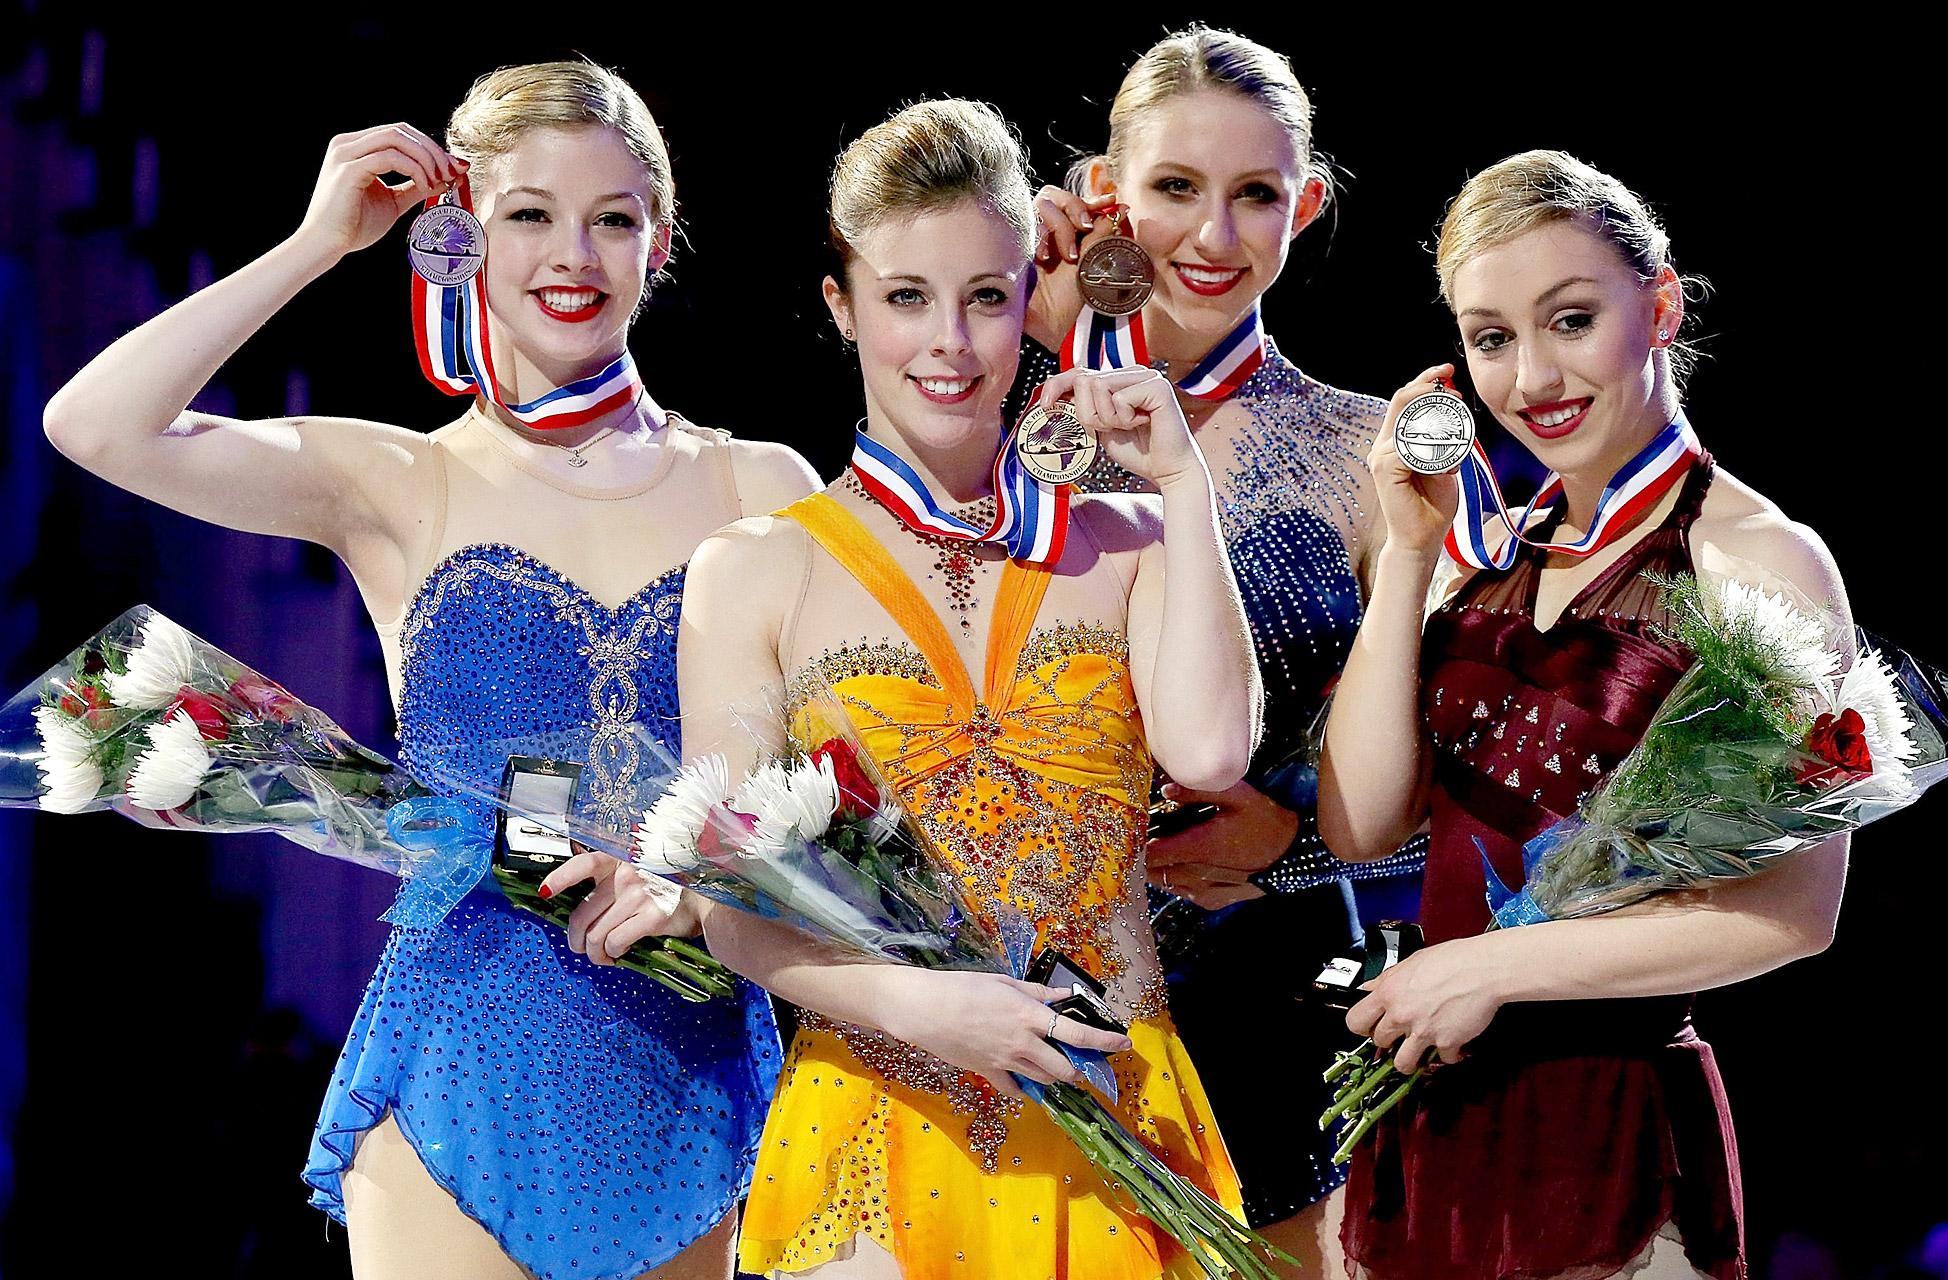 Gracie Gold, Ashley Wagner, Agnes Zawadzki and Courtney Hicks